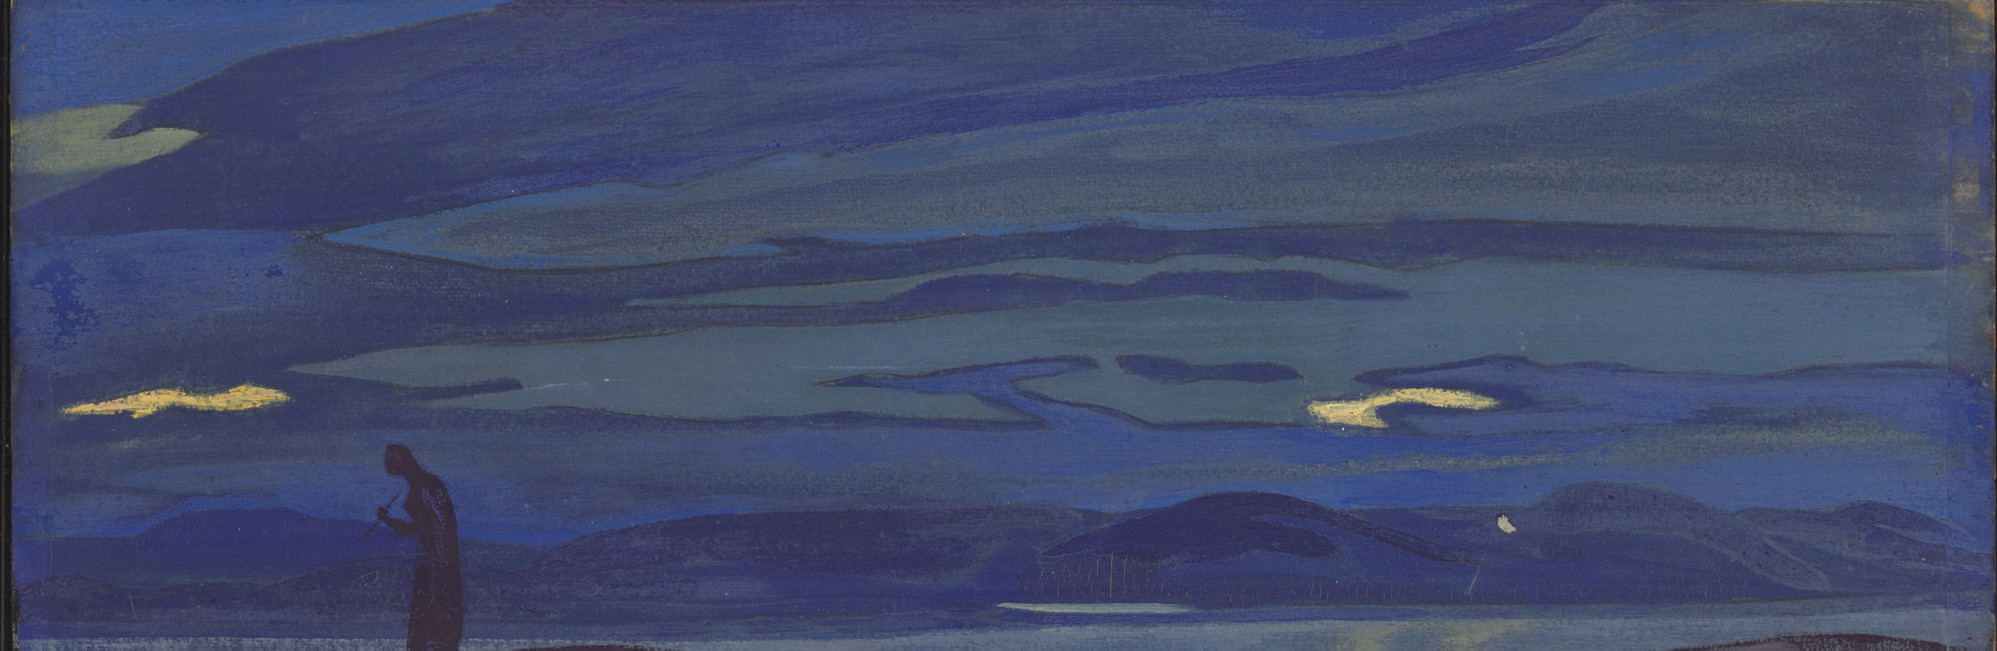 Nikolai Roerich (1874-1947)